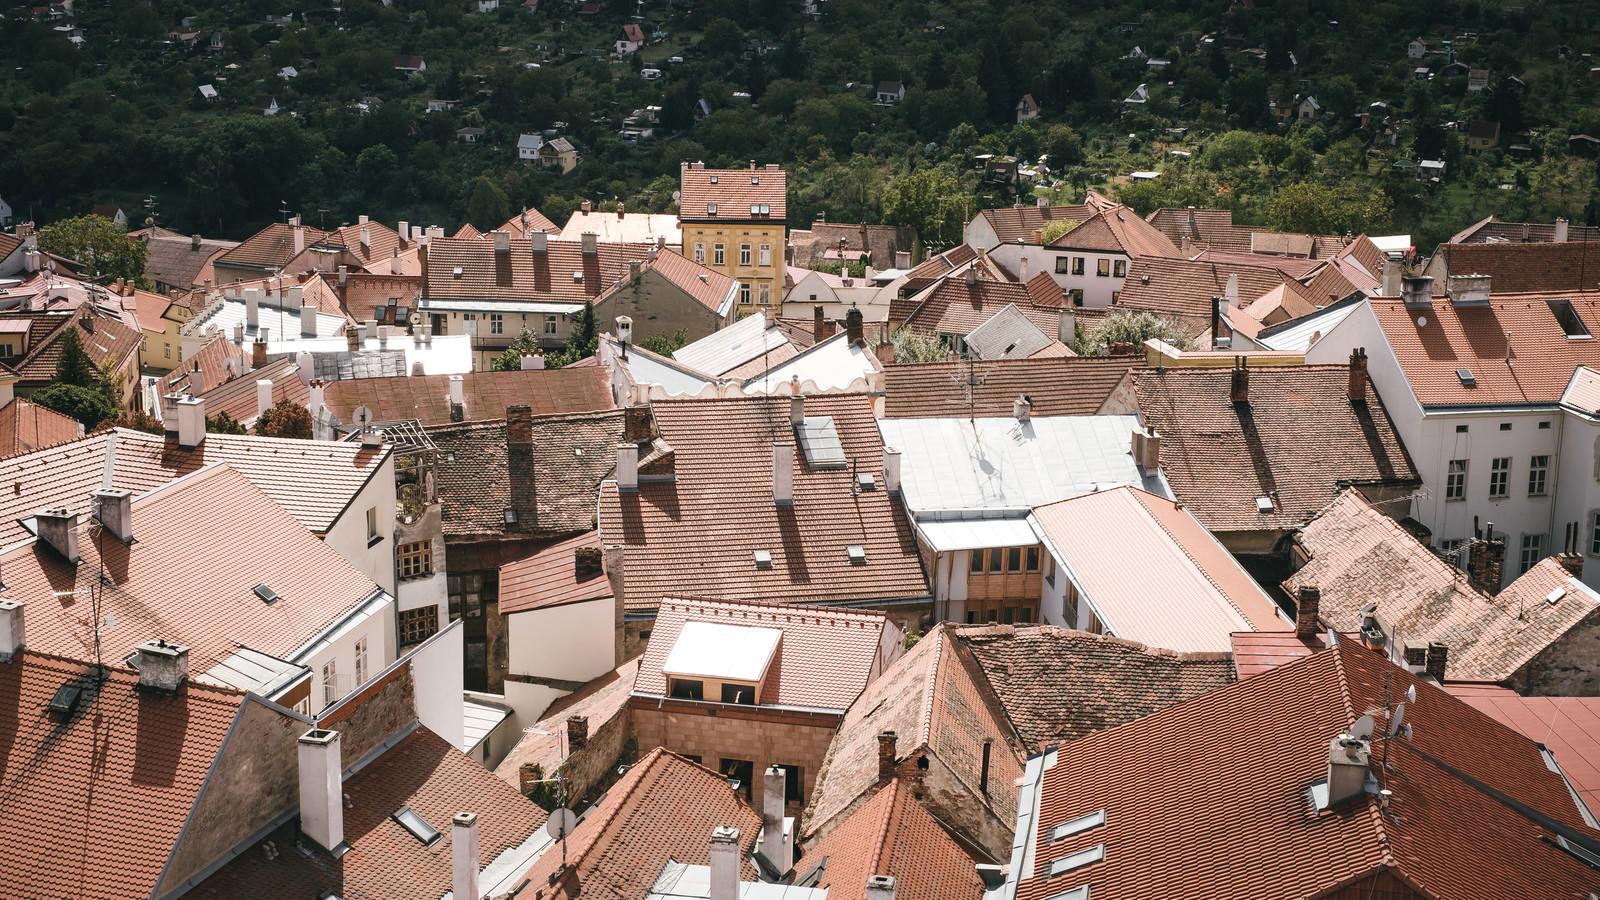 「ズノイモ市の緑と赤茶色の町並み(チェコ共和国)」の写真